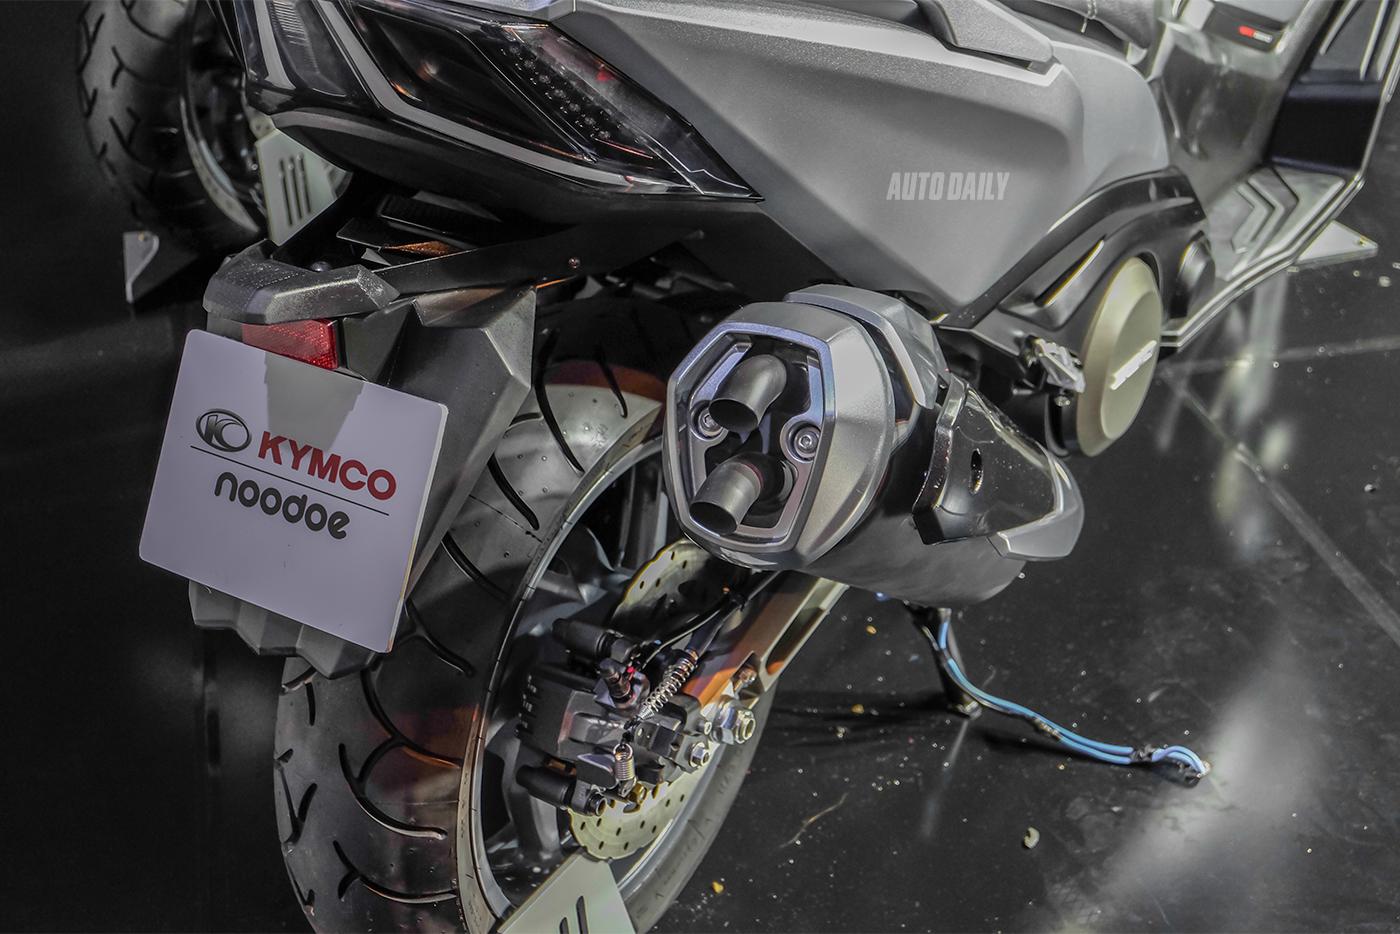 kymco-ak550-12.jpg